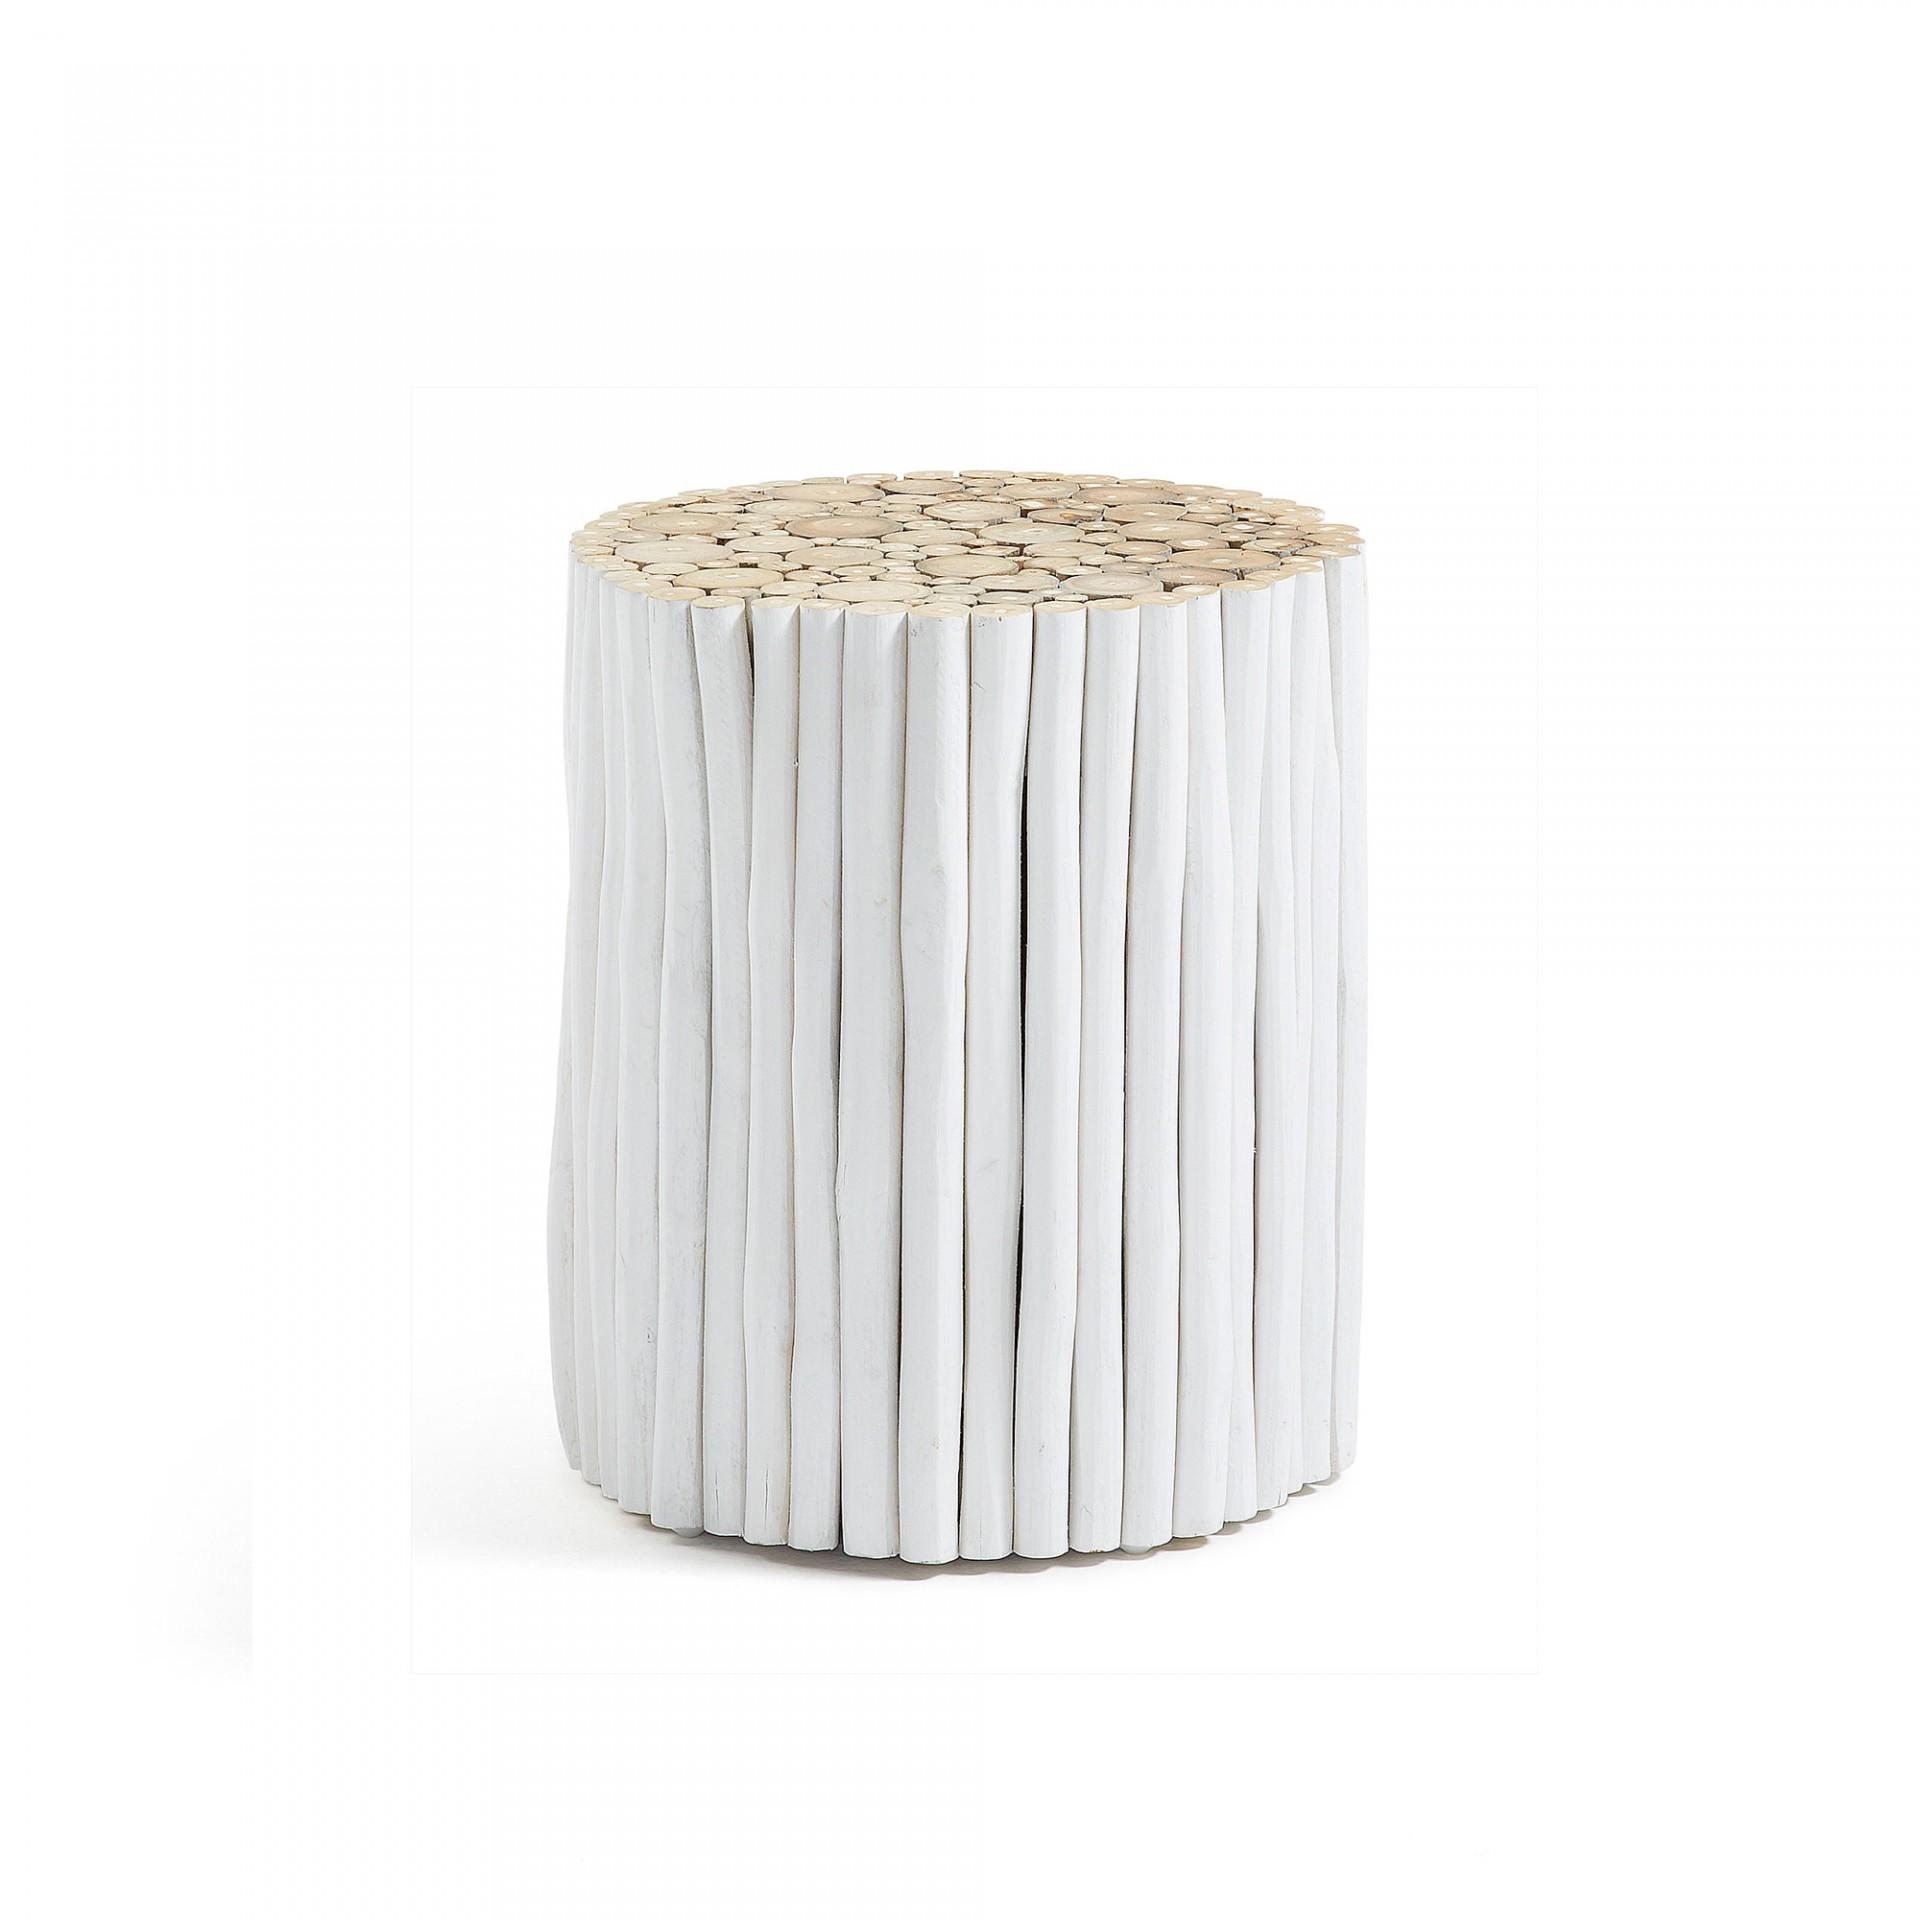 Mesa de apoio em madeira teca natural, Ø35x40 cm